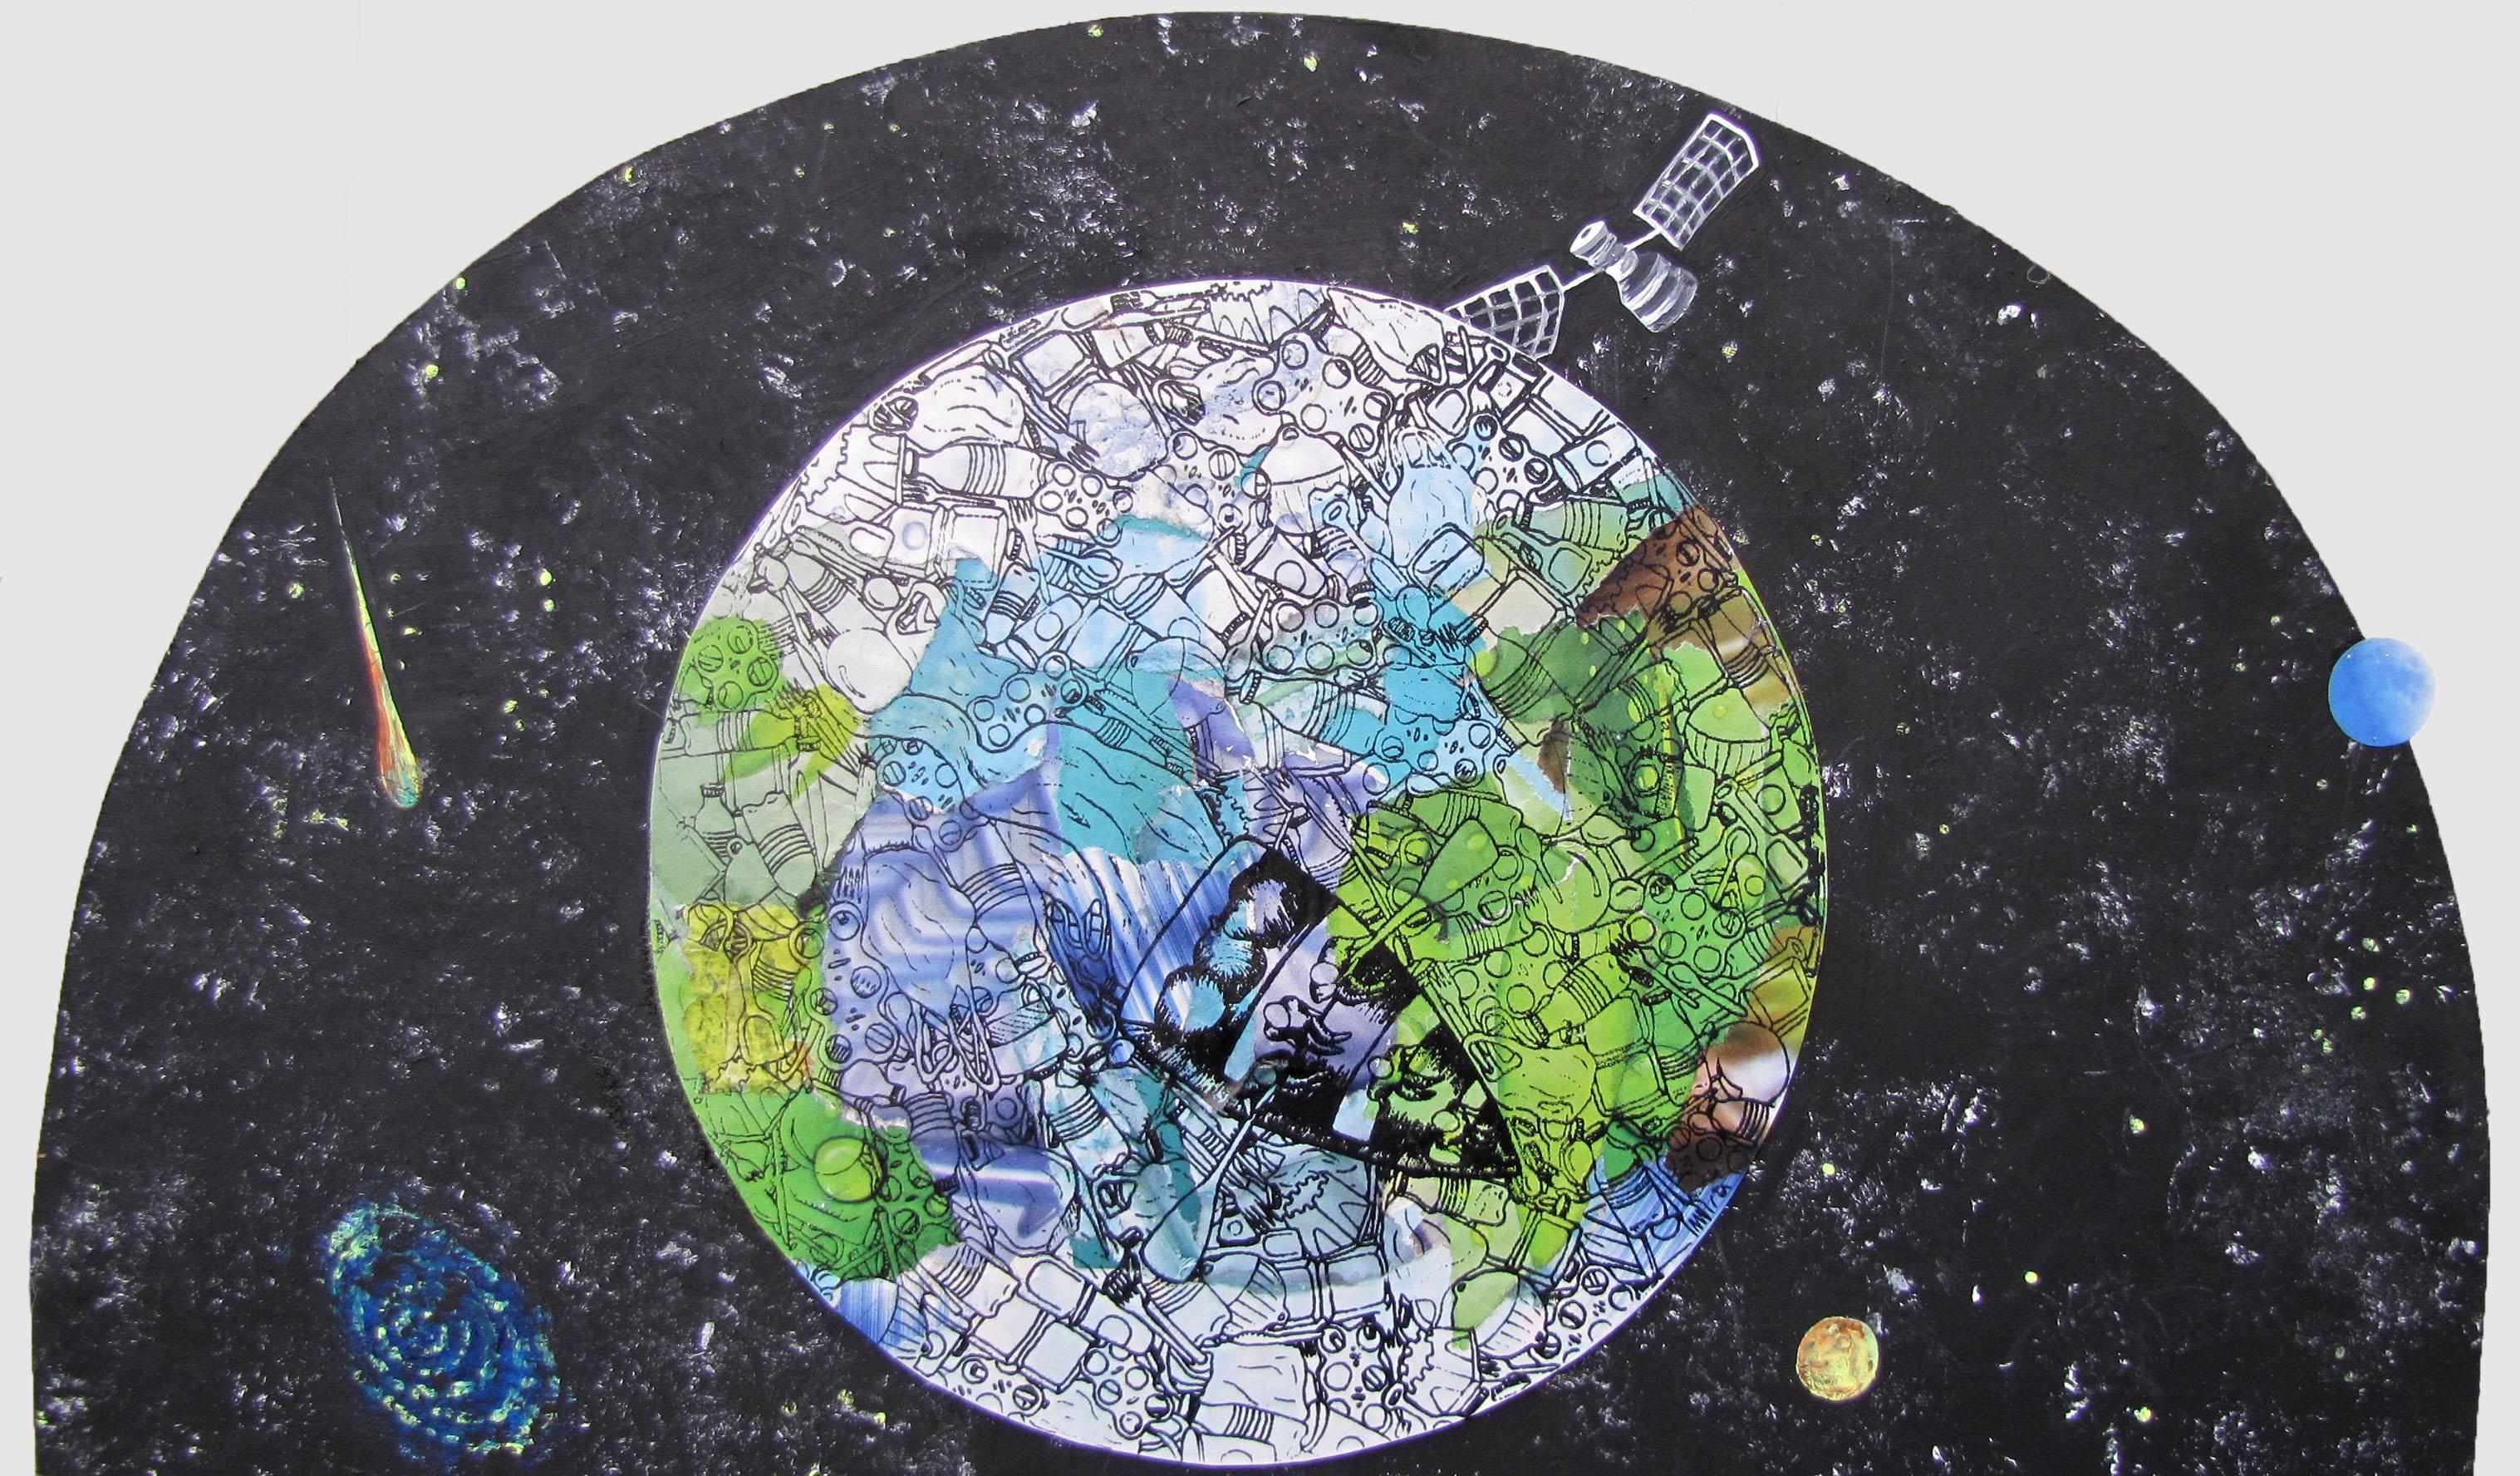 Planet Trash, 2016